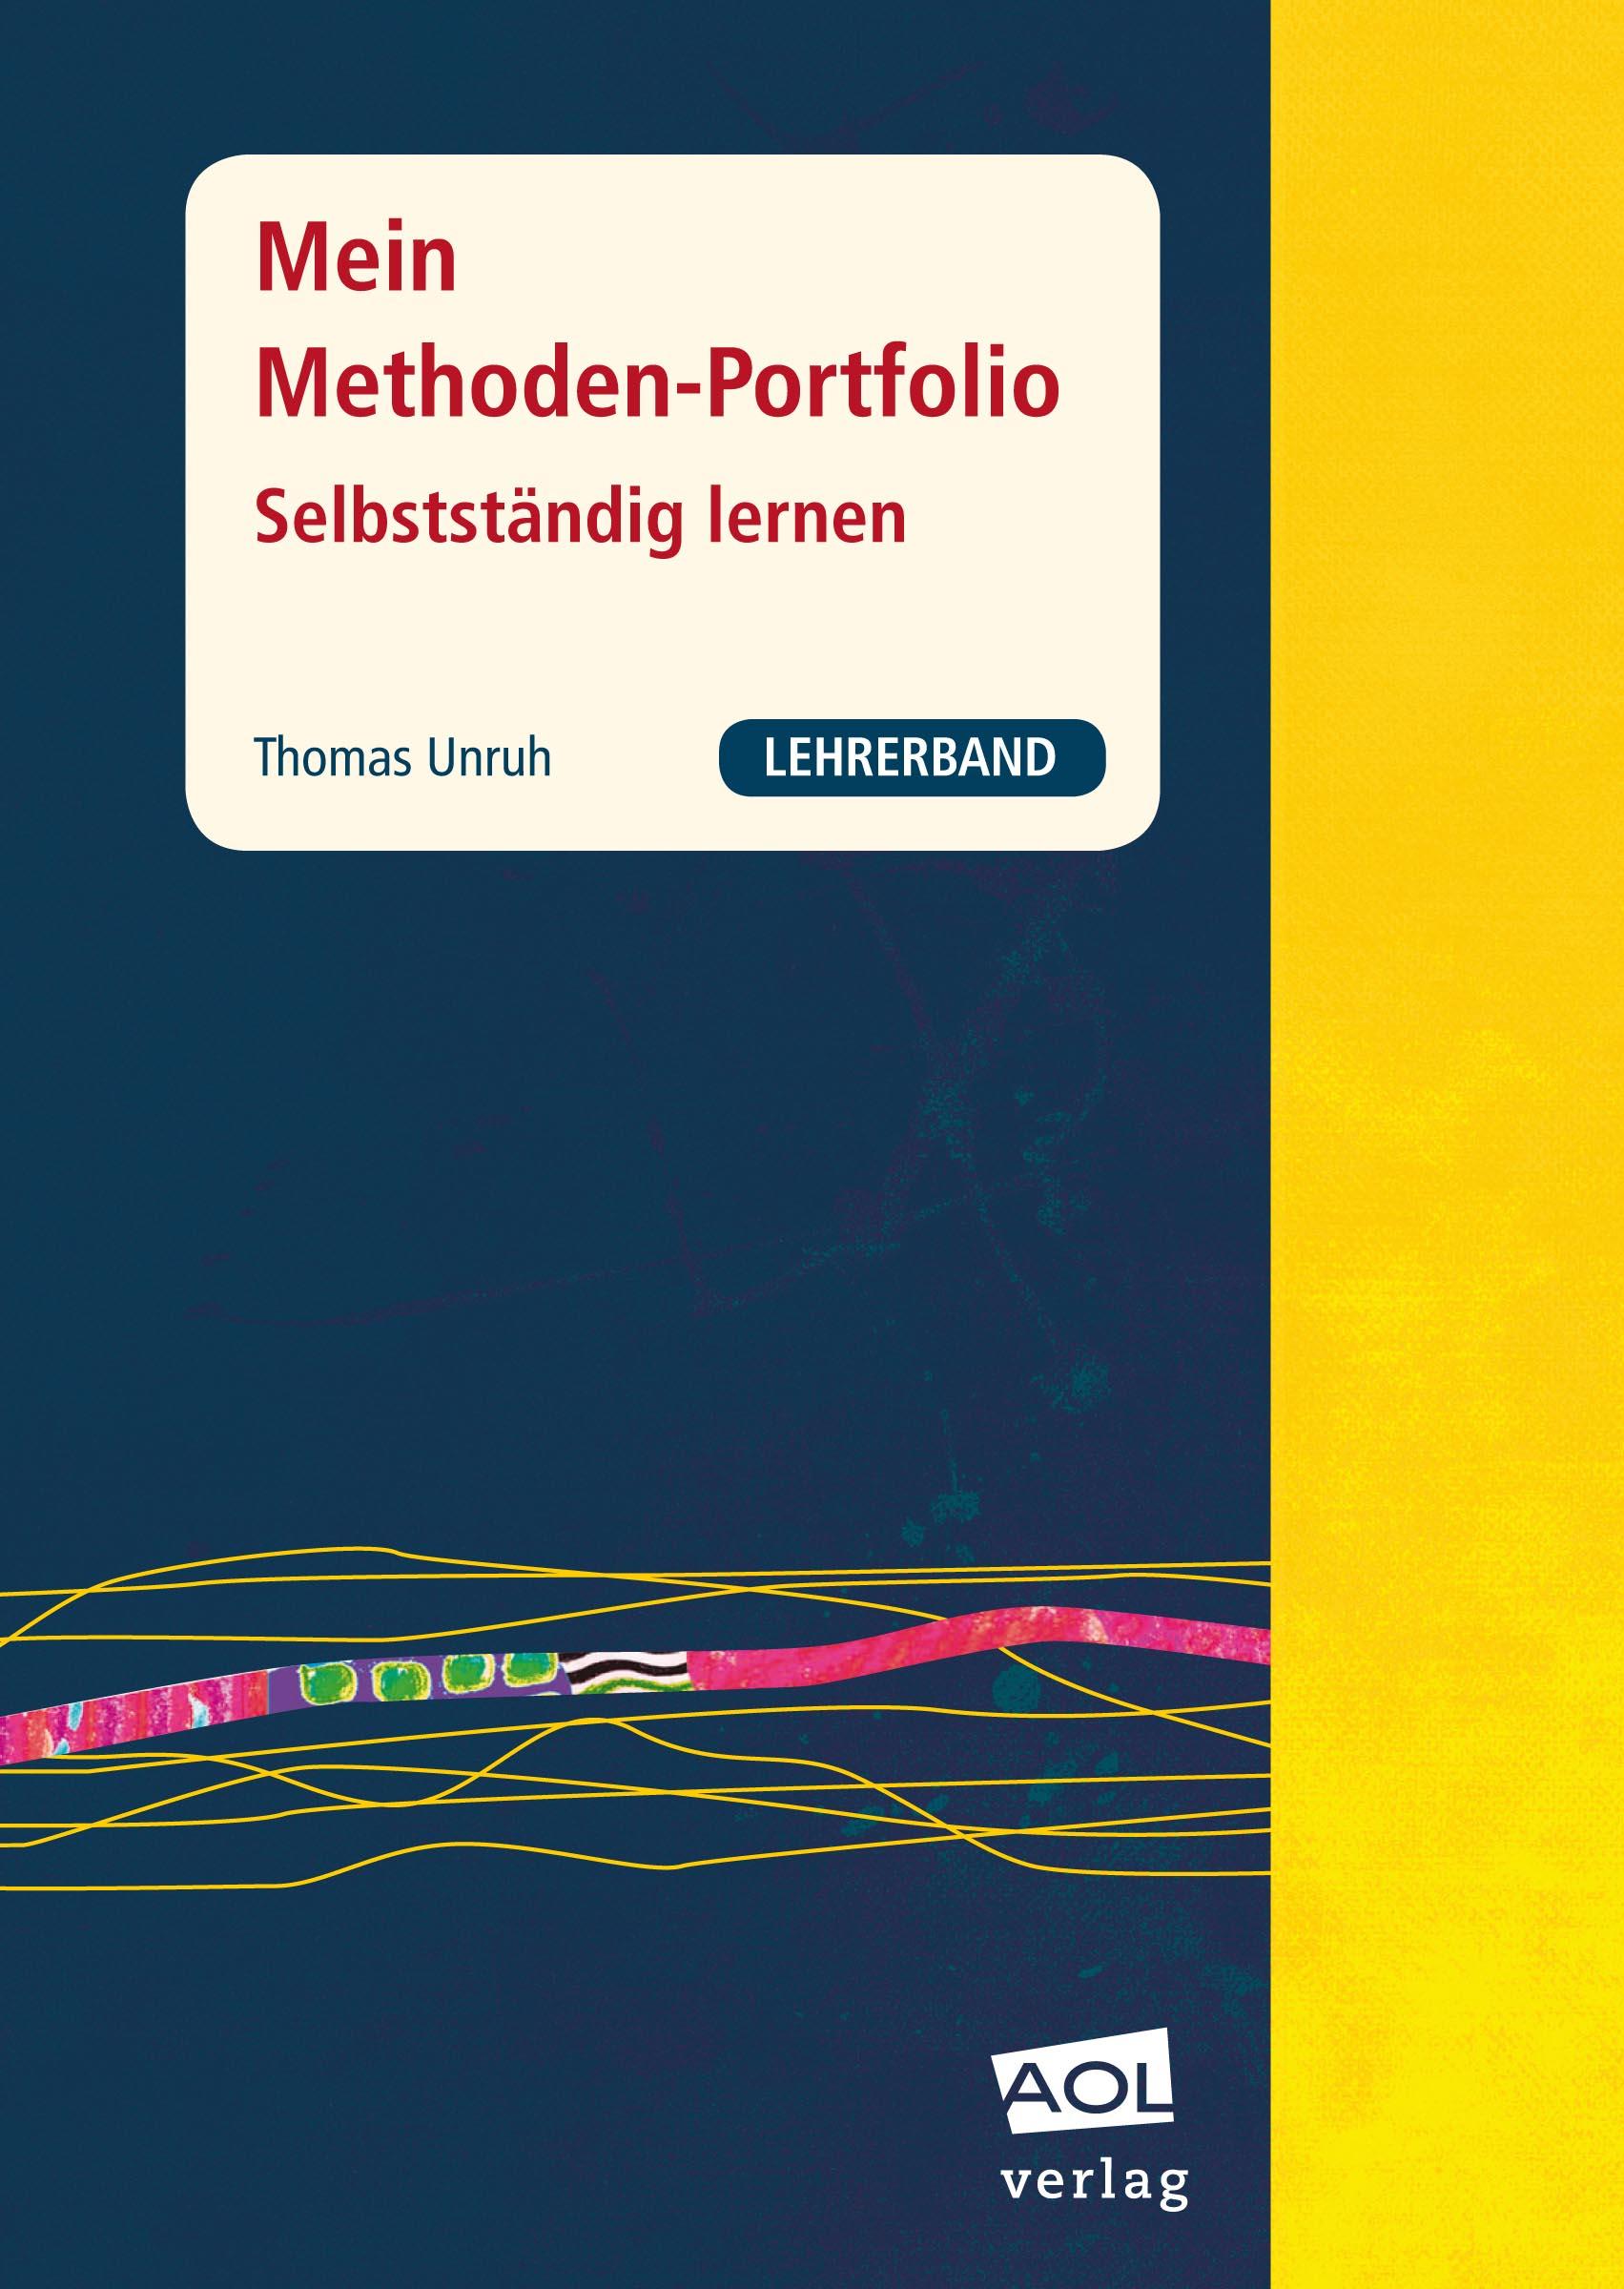 Mein Methoden-Portfolio. Selbstständig lernen: Lehrerband - Thomas Unruh